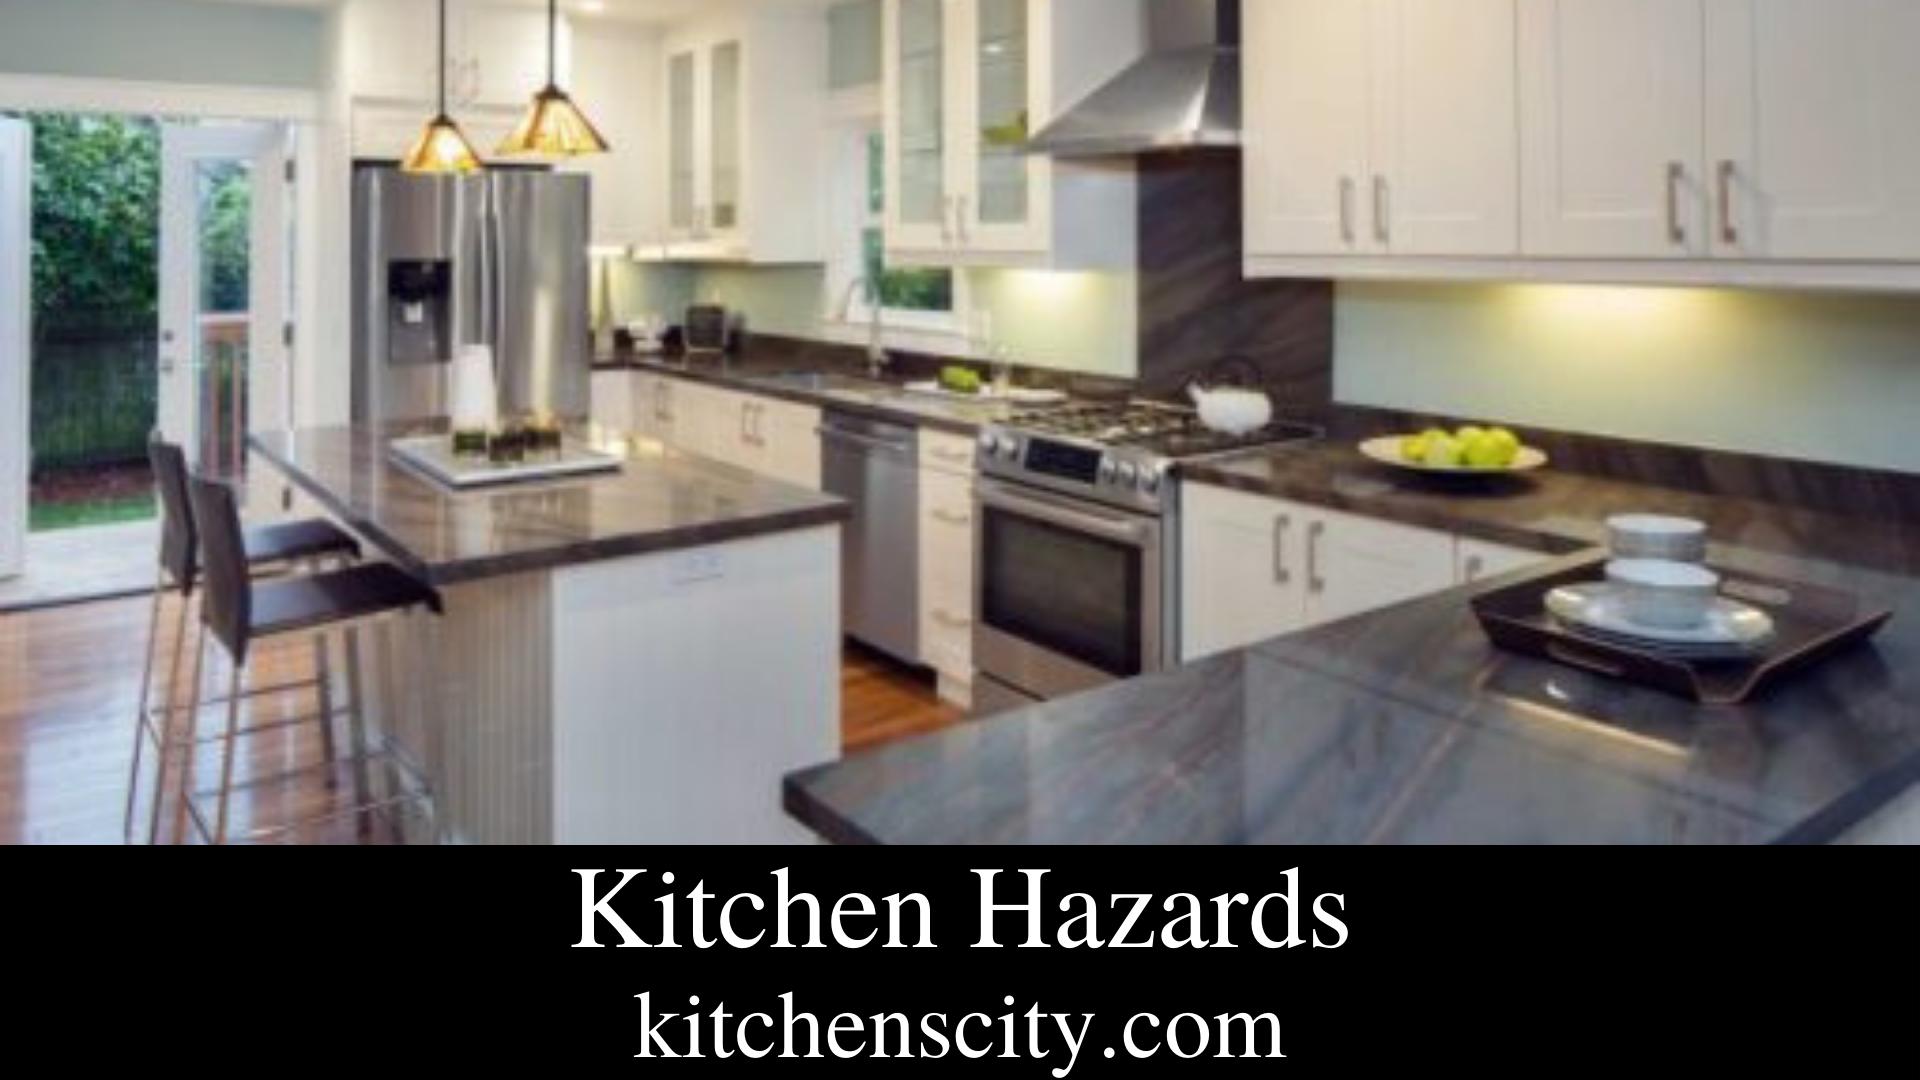 Kitchen Hazards Child Safety In The Kitchen Tips For Child Safe